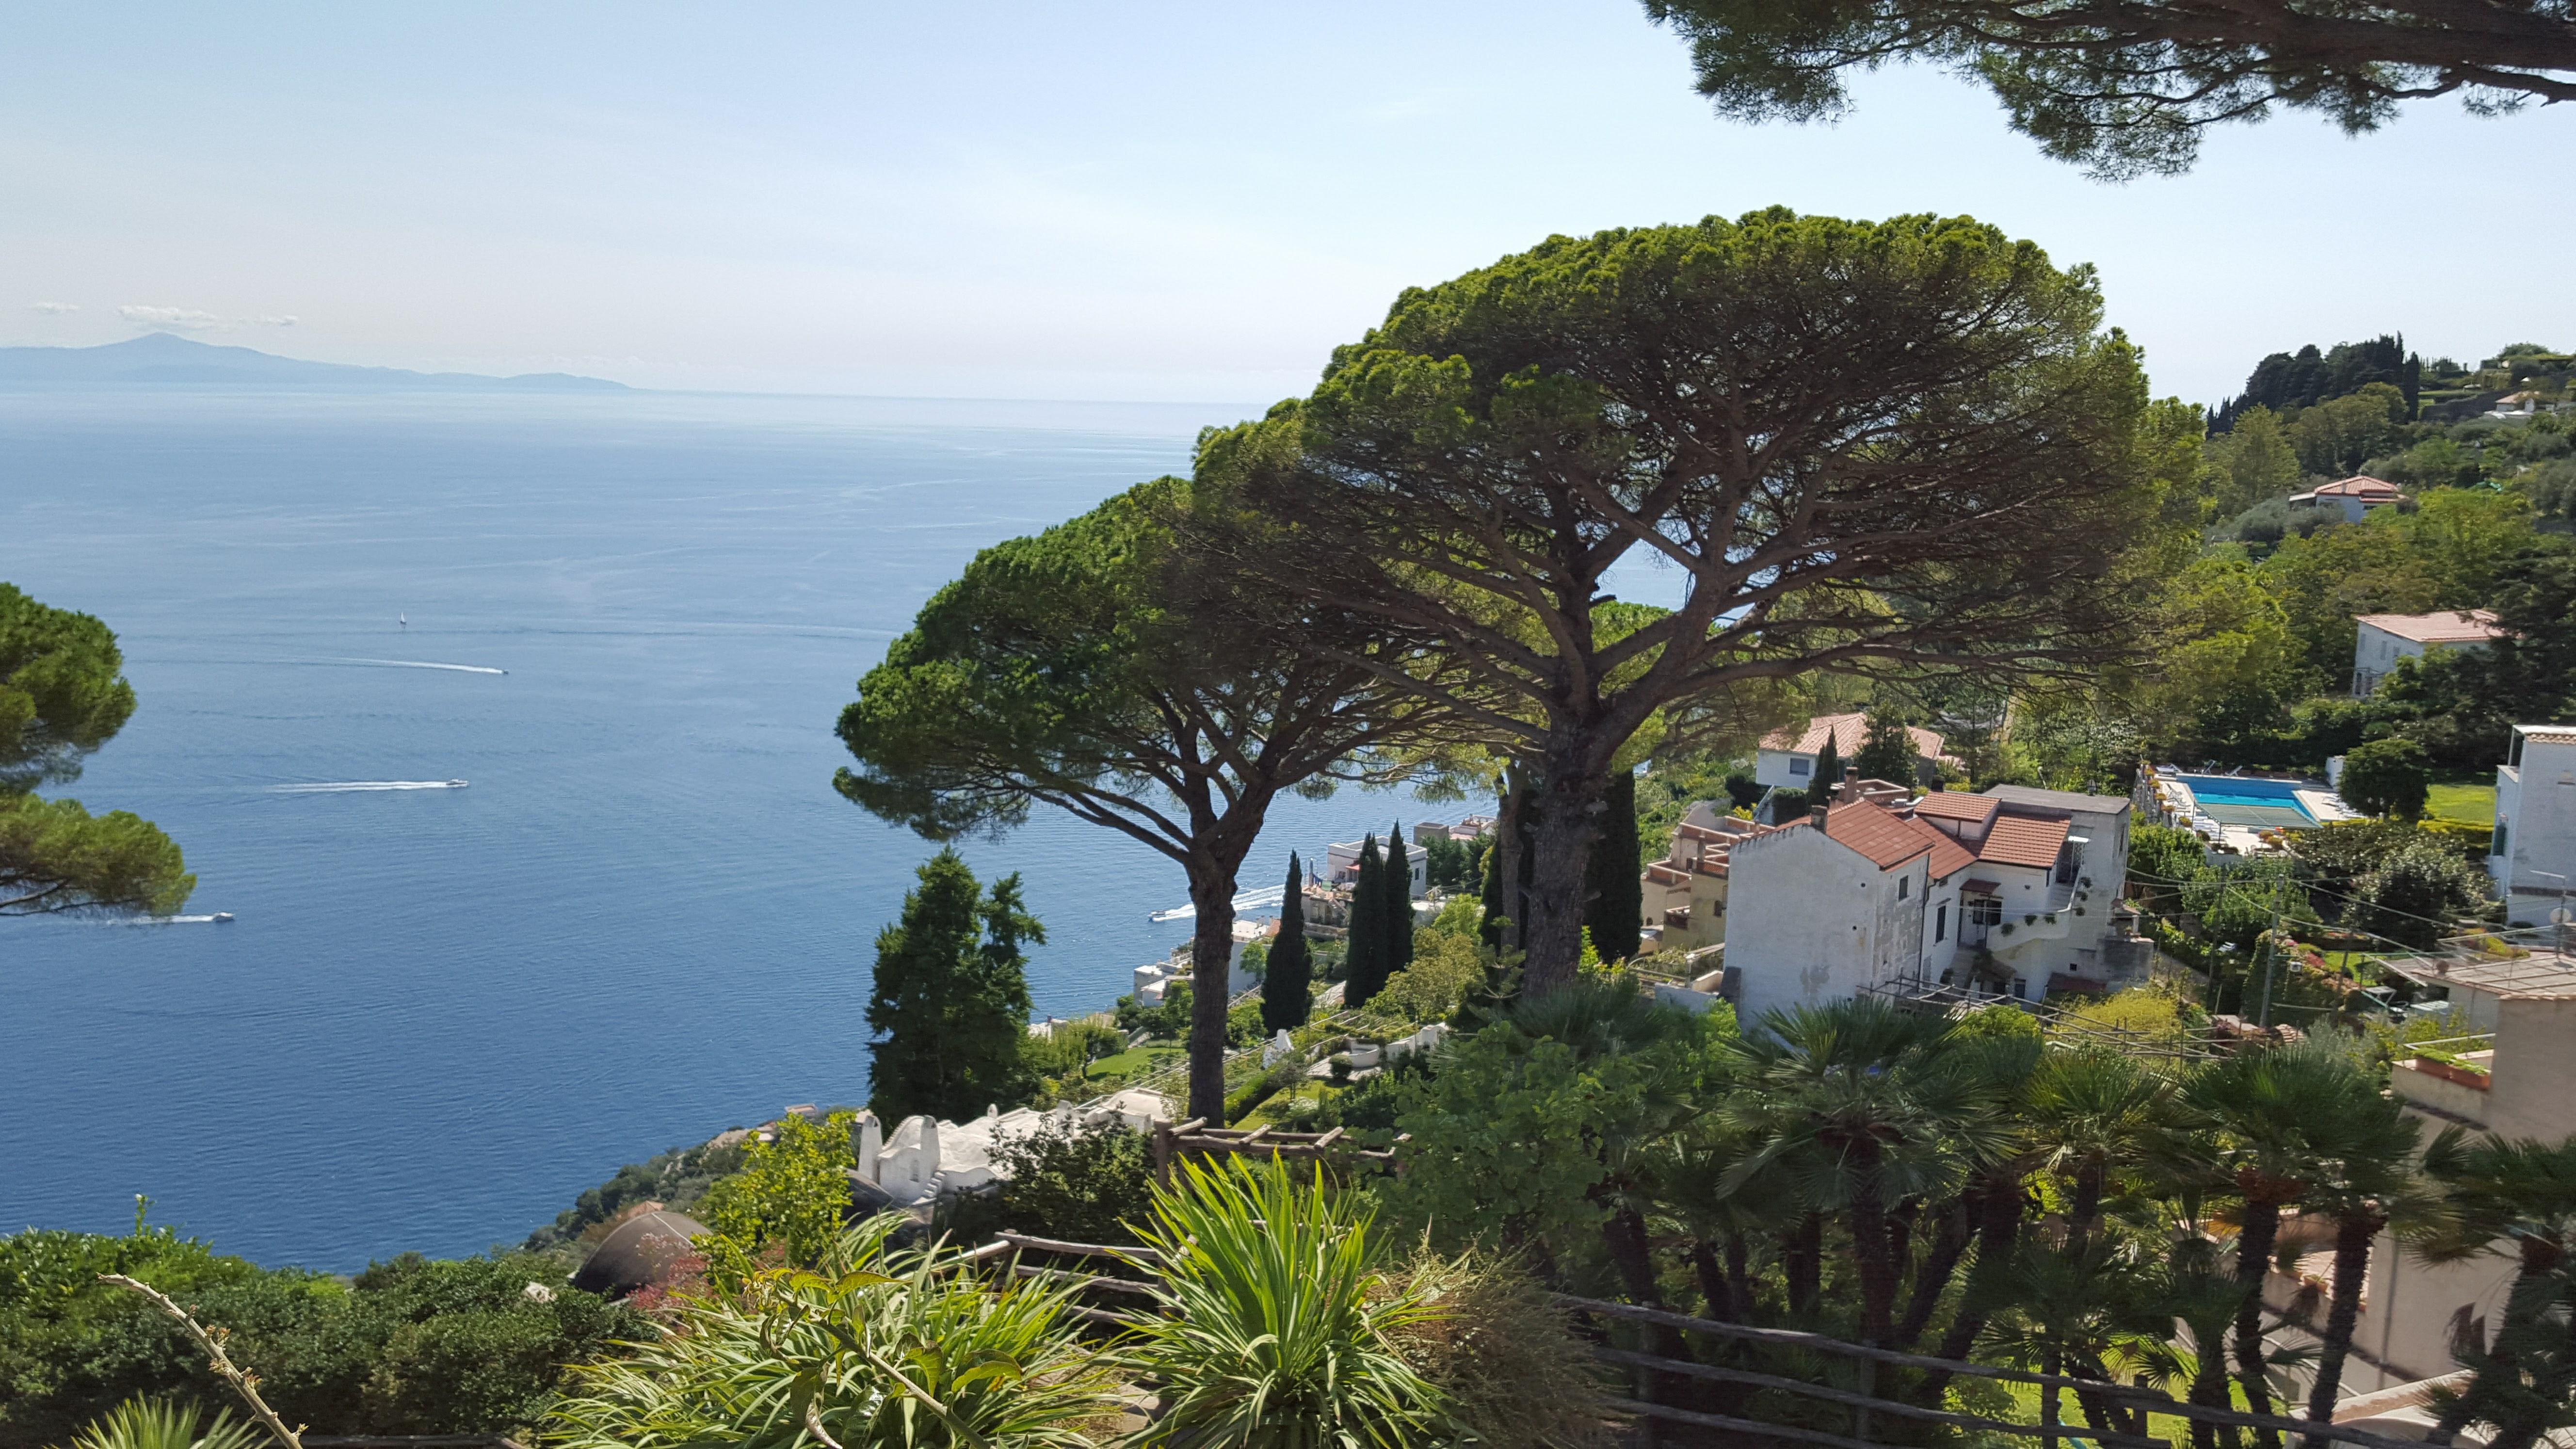 Italy photos by John 423